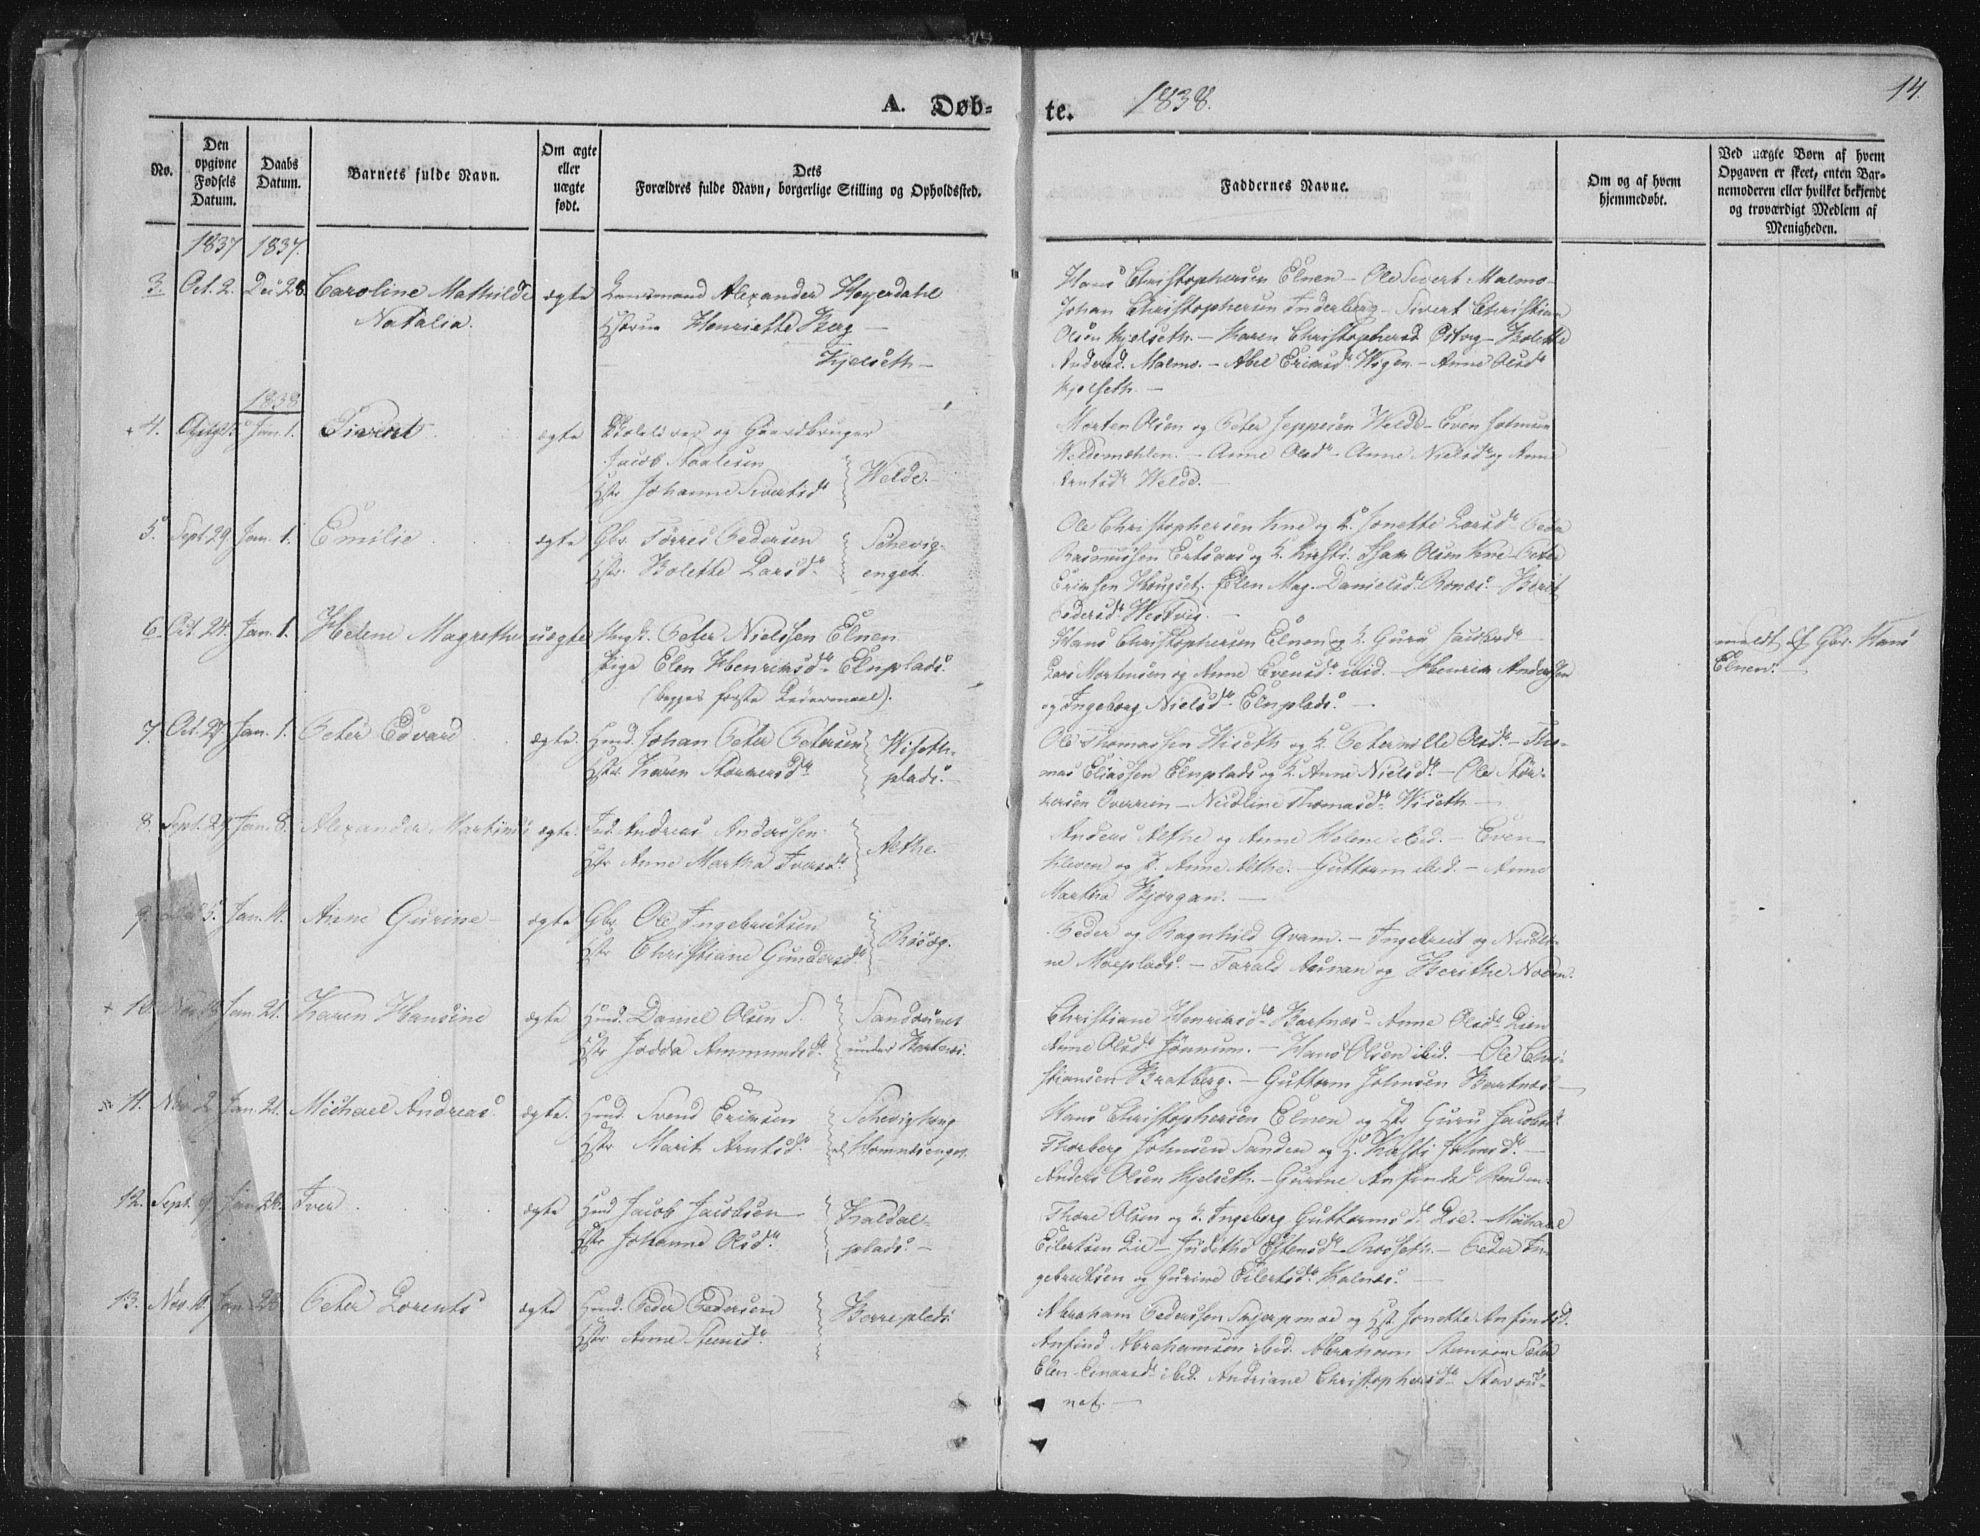 SAT, Ministerialprotokoller, klokkerbøker og fødselsregistre - Nord-Trøndelag, 741/L0392: Ministerialbok nr. 741A06, 1836-1848, s. 14